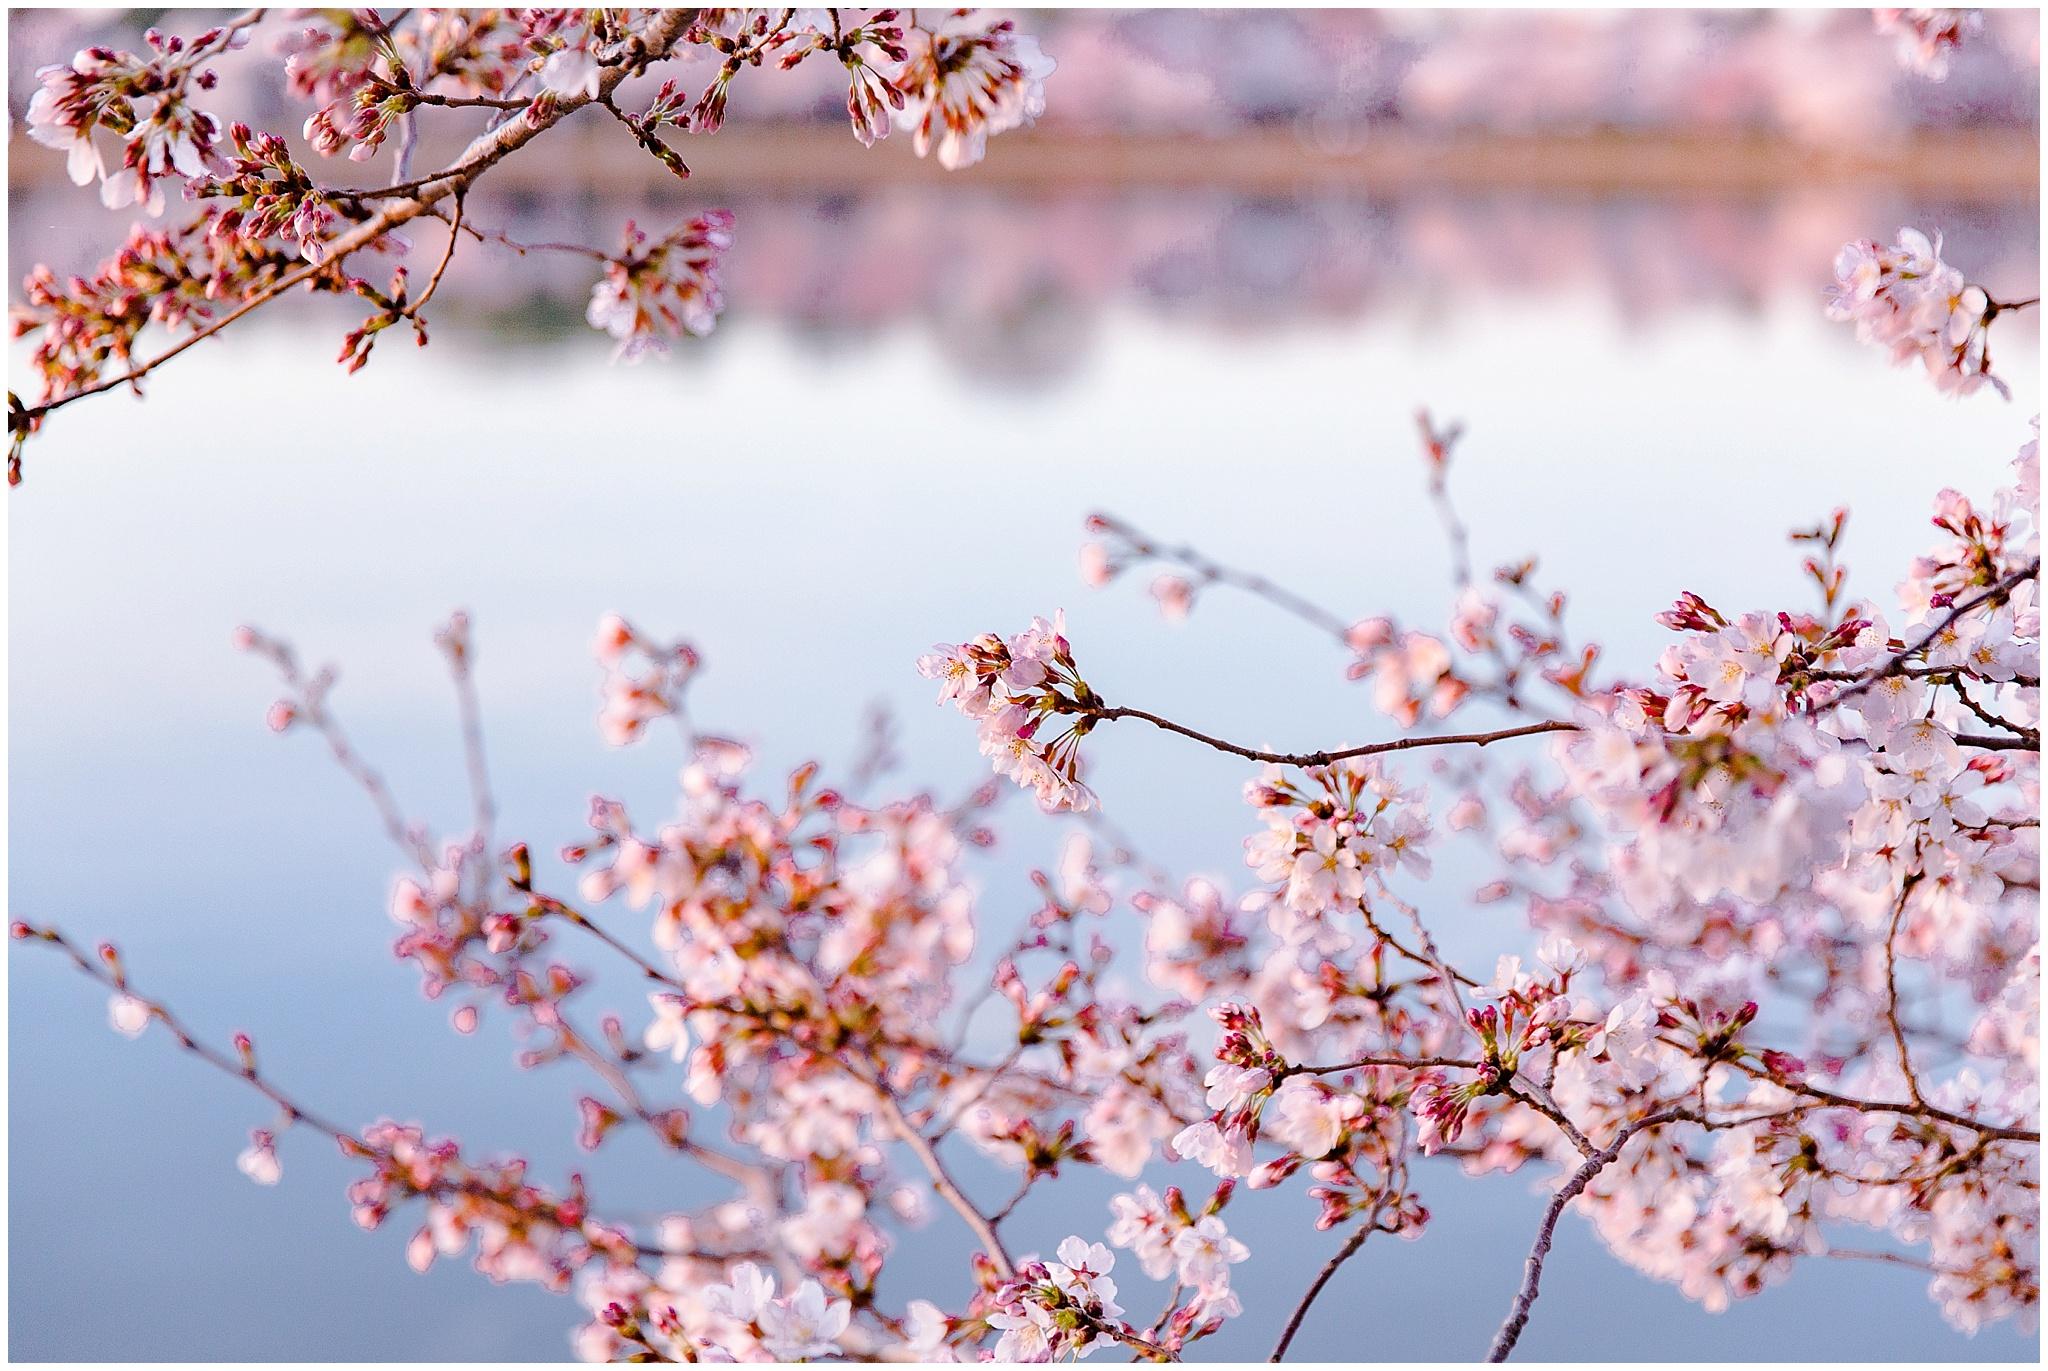 cherryblossom_washingtondc_spring_pink_0049.jpg